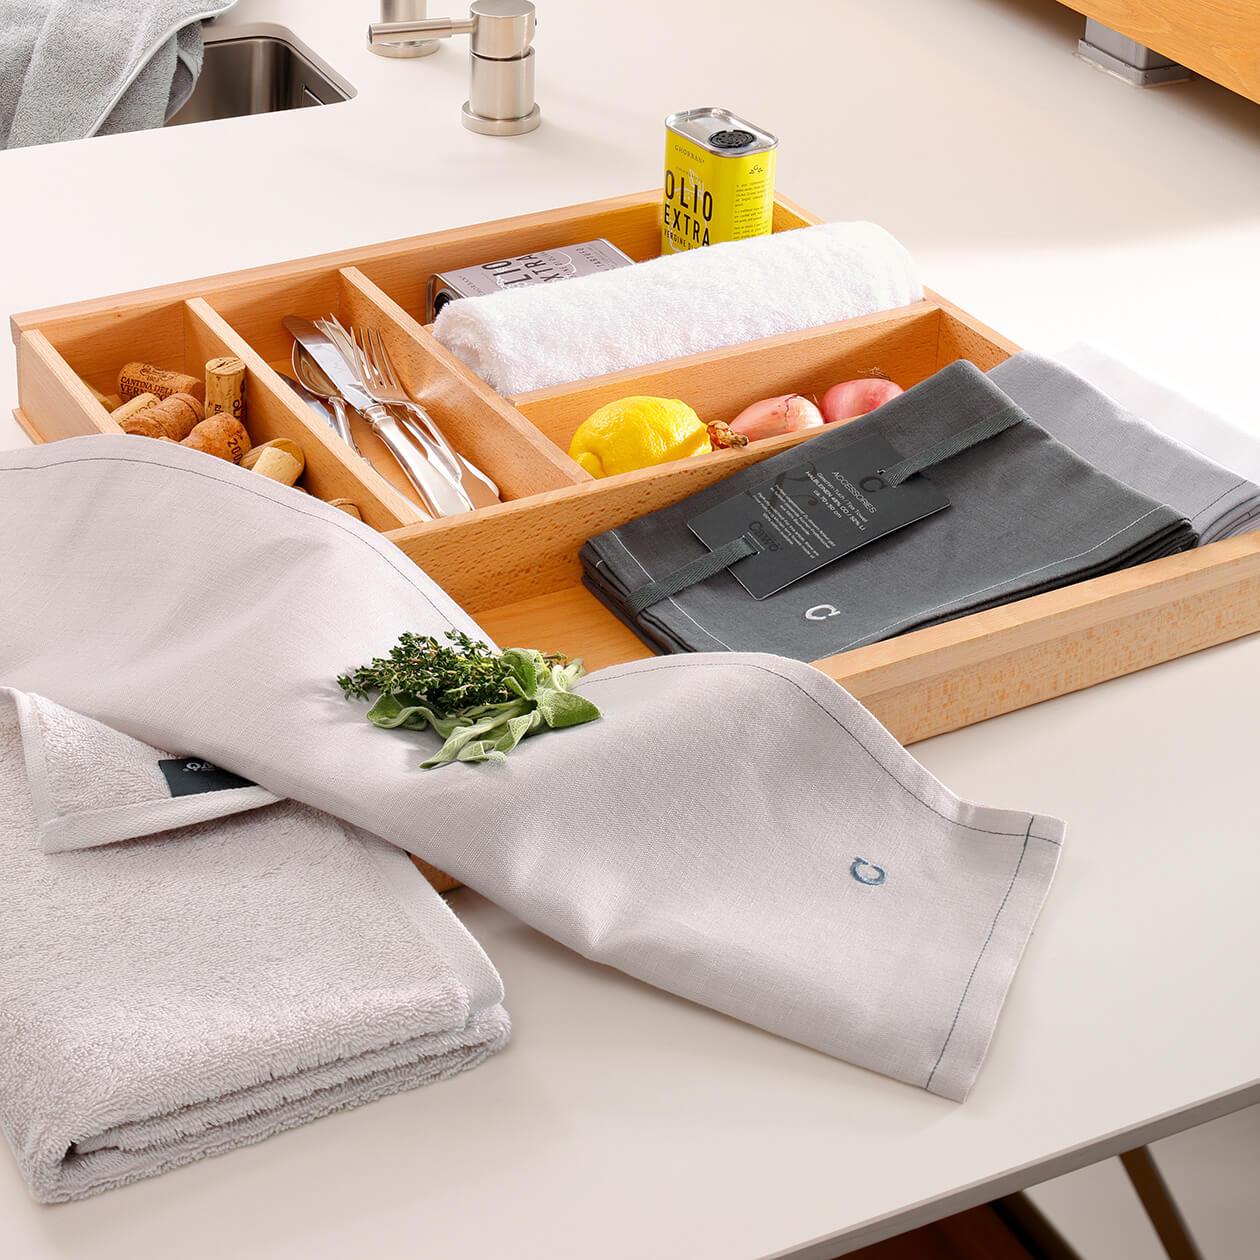 Cawö Home Solid 500 - Geschirrtuch 50x70 cm - Farbe: weiß - 600 Detailbild 2